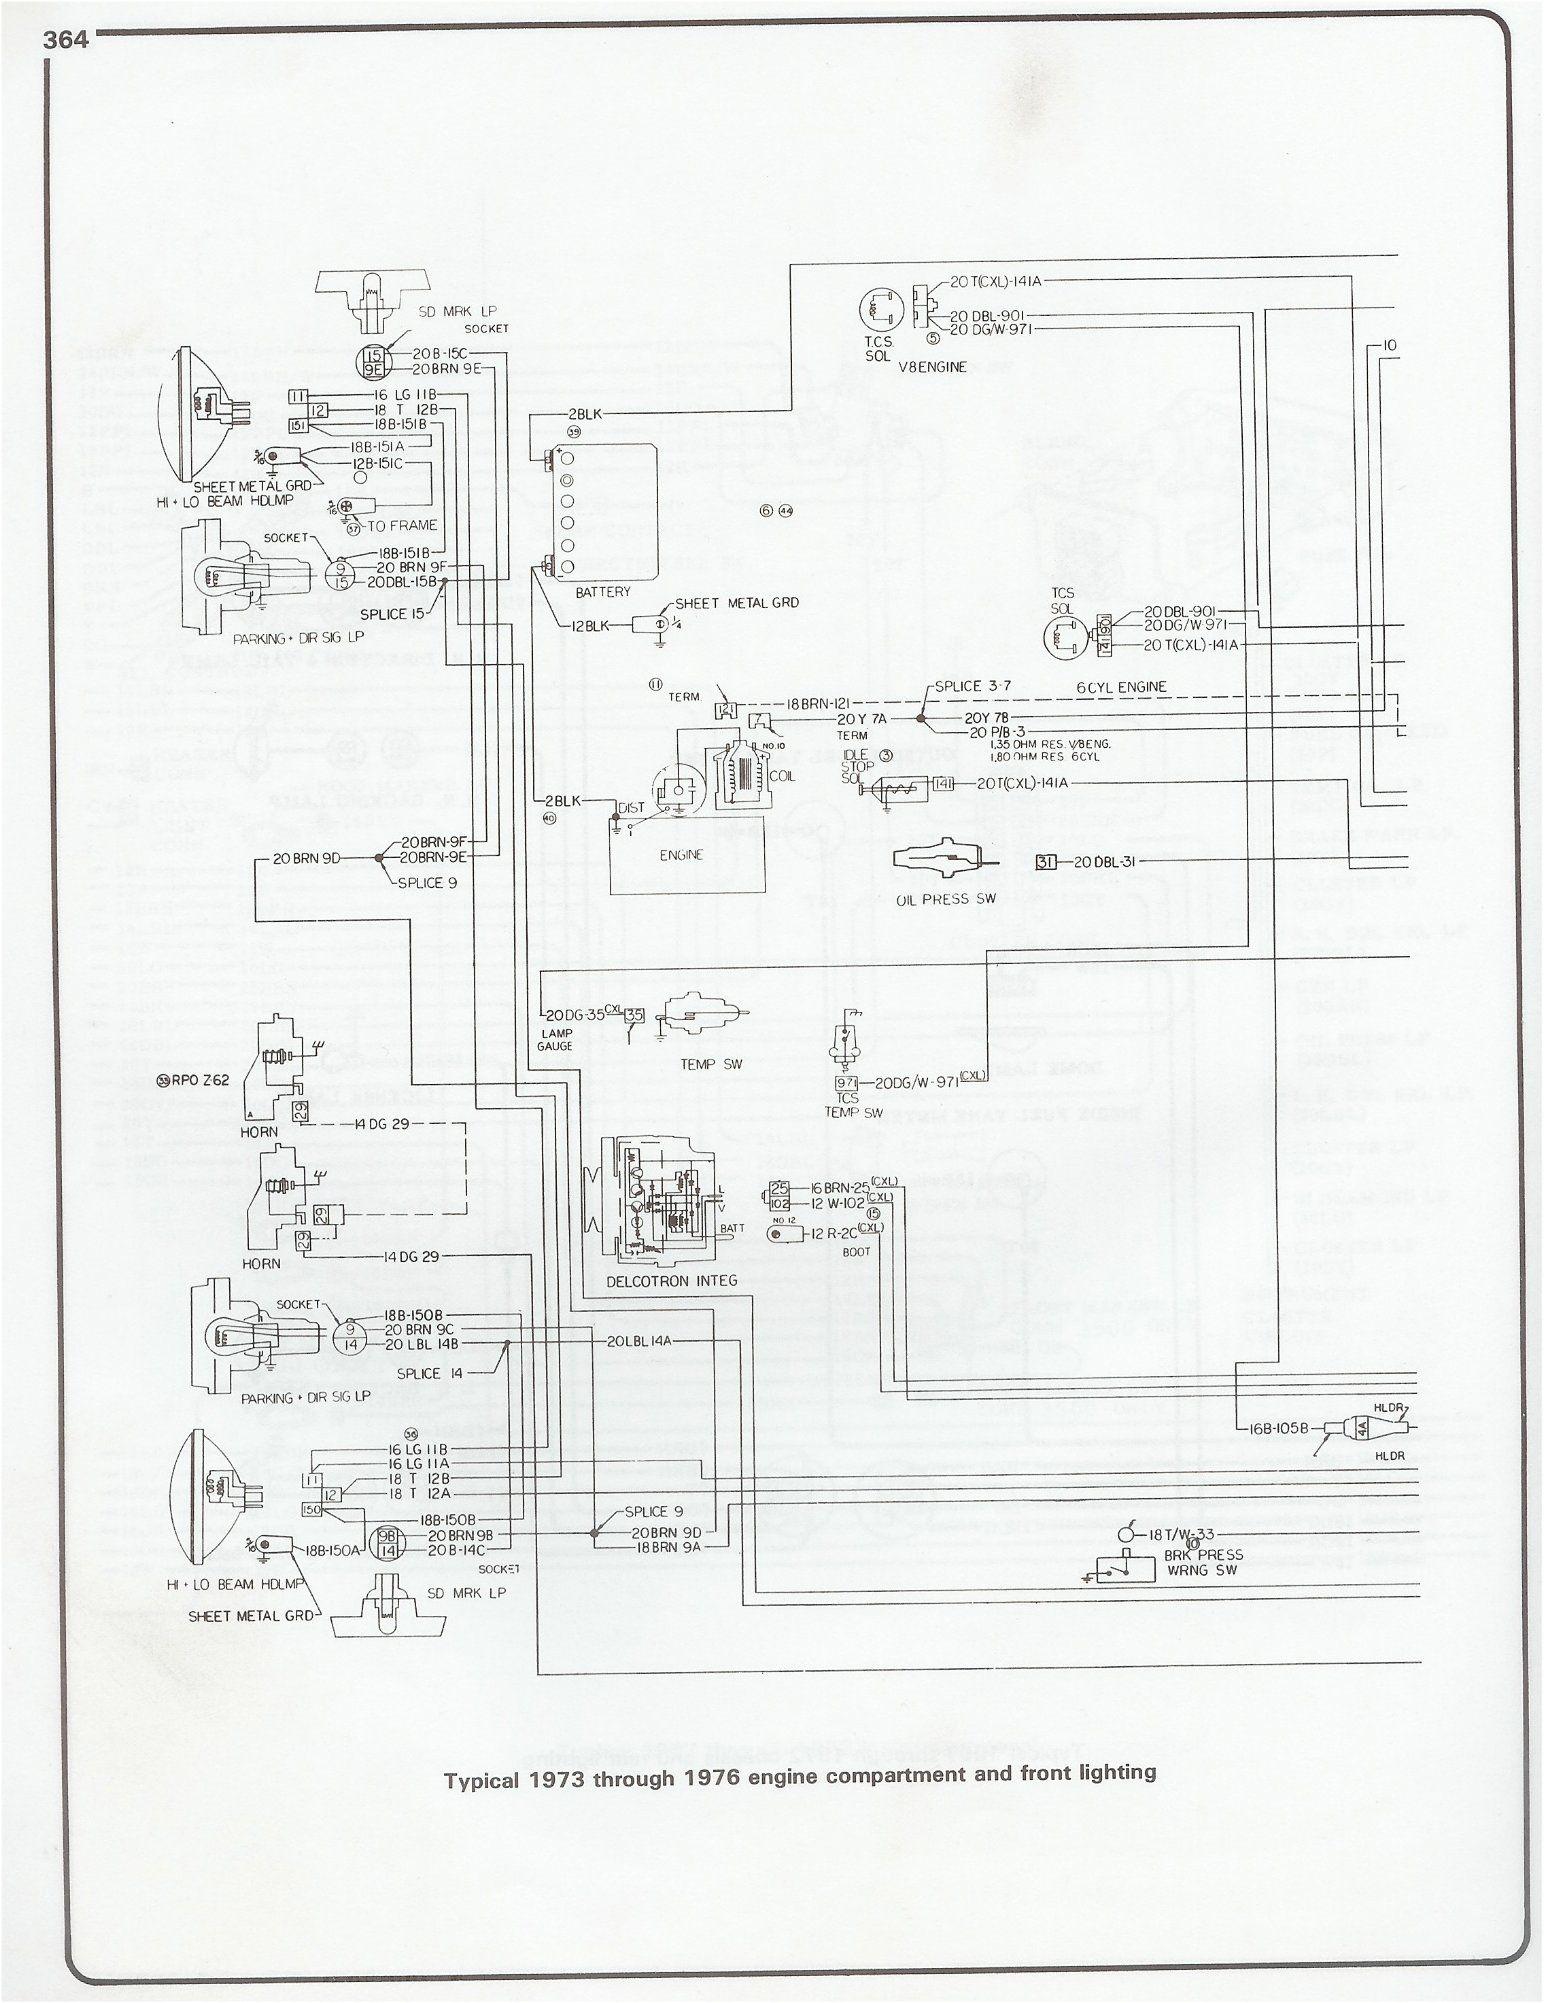 64 chevy c10 wiring diagram truck